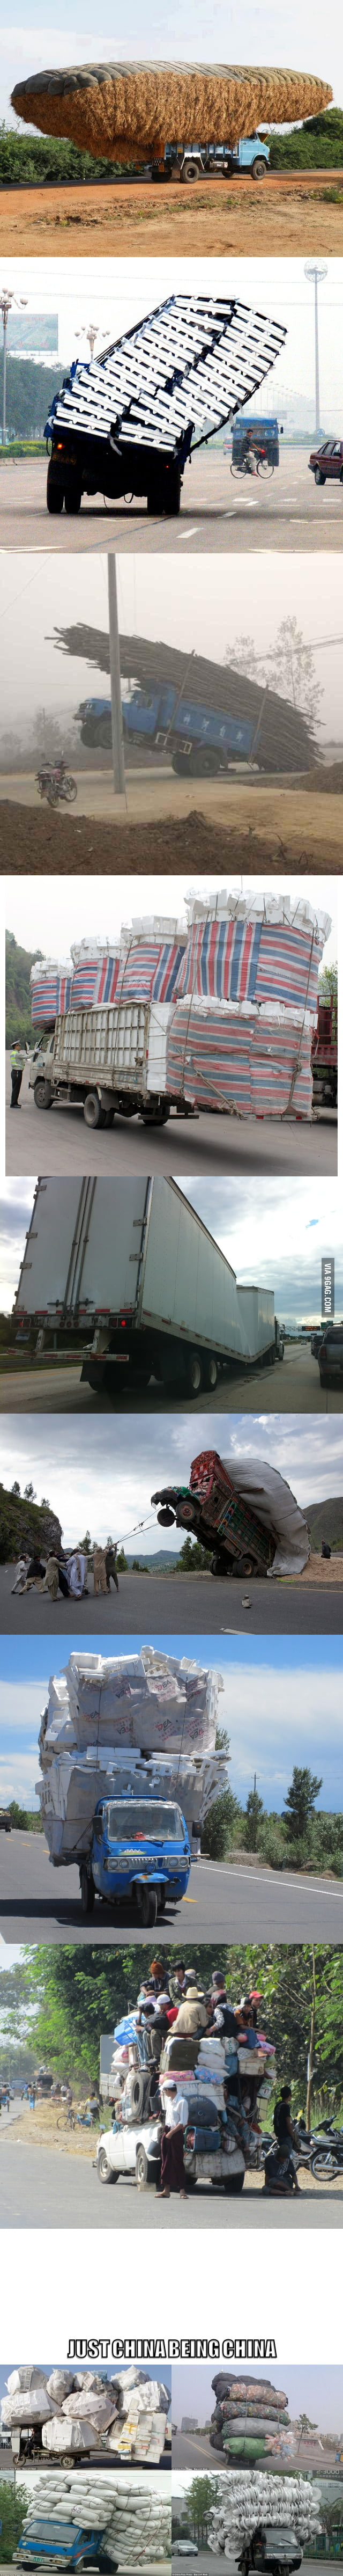 Overloaded cargo level: China